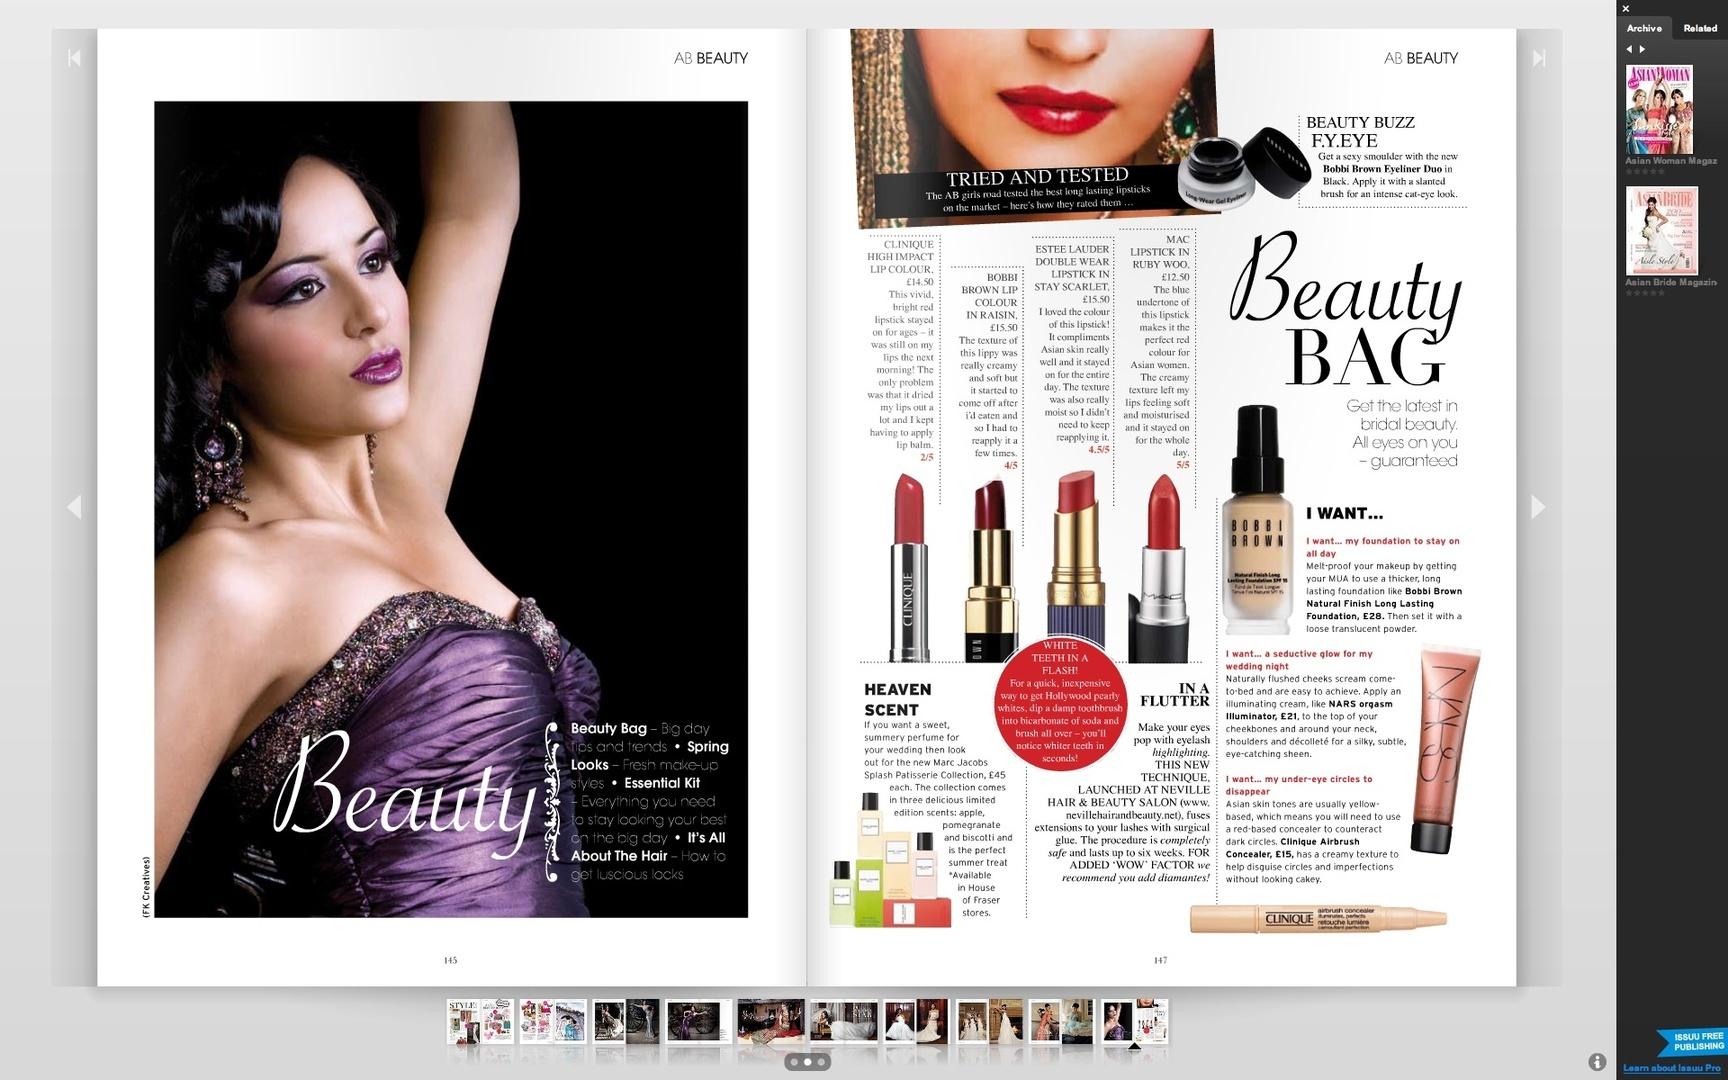 asian woman website screenshots 15.jpeg